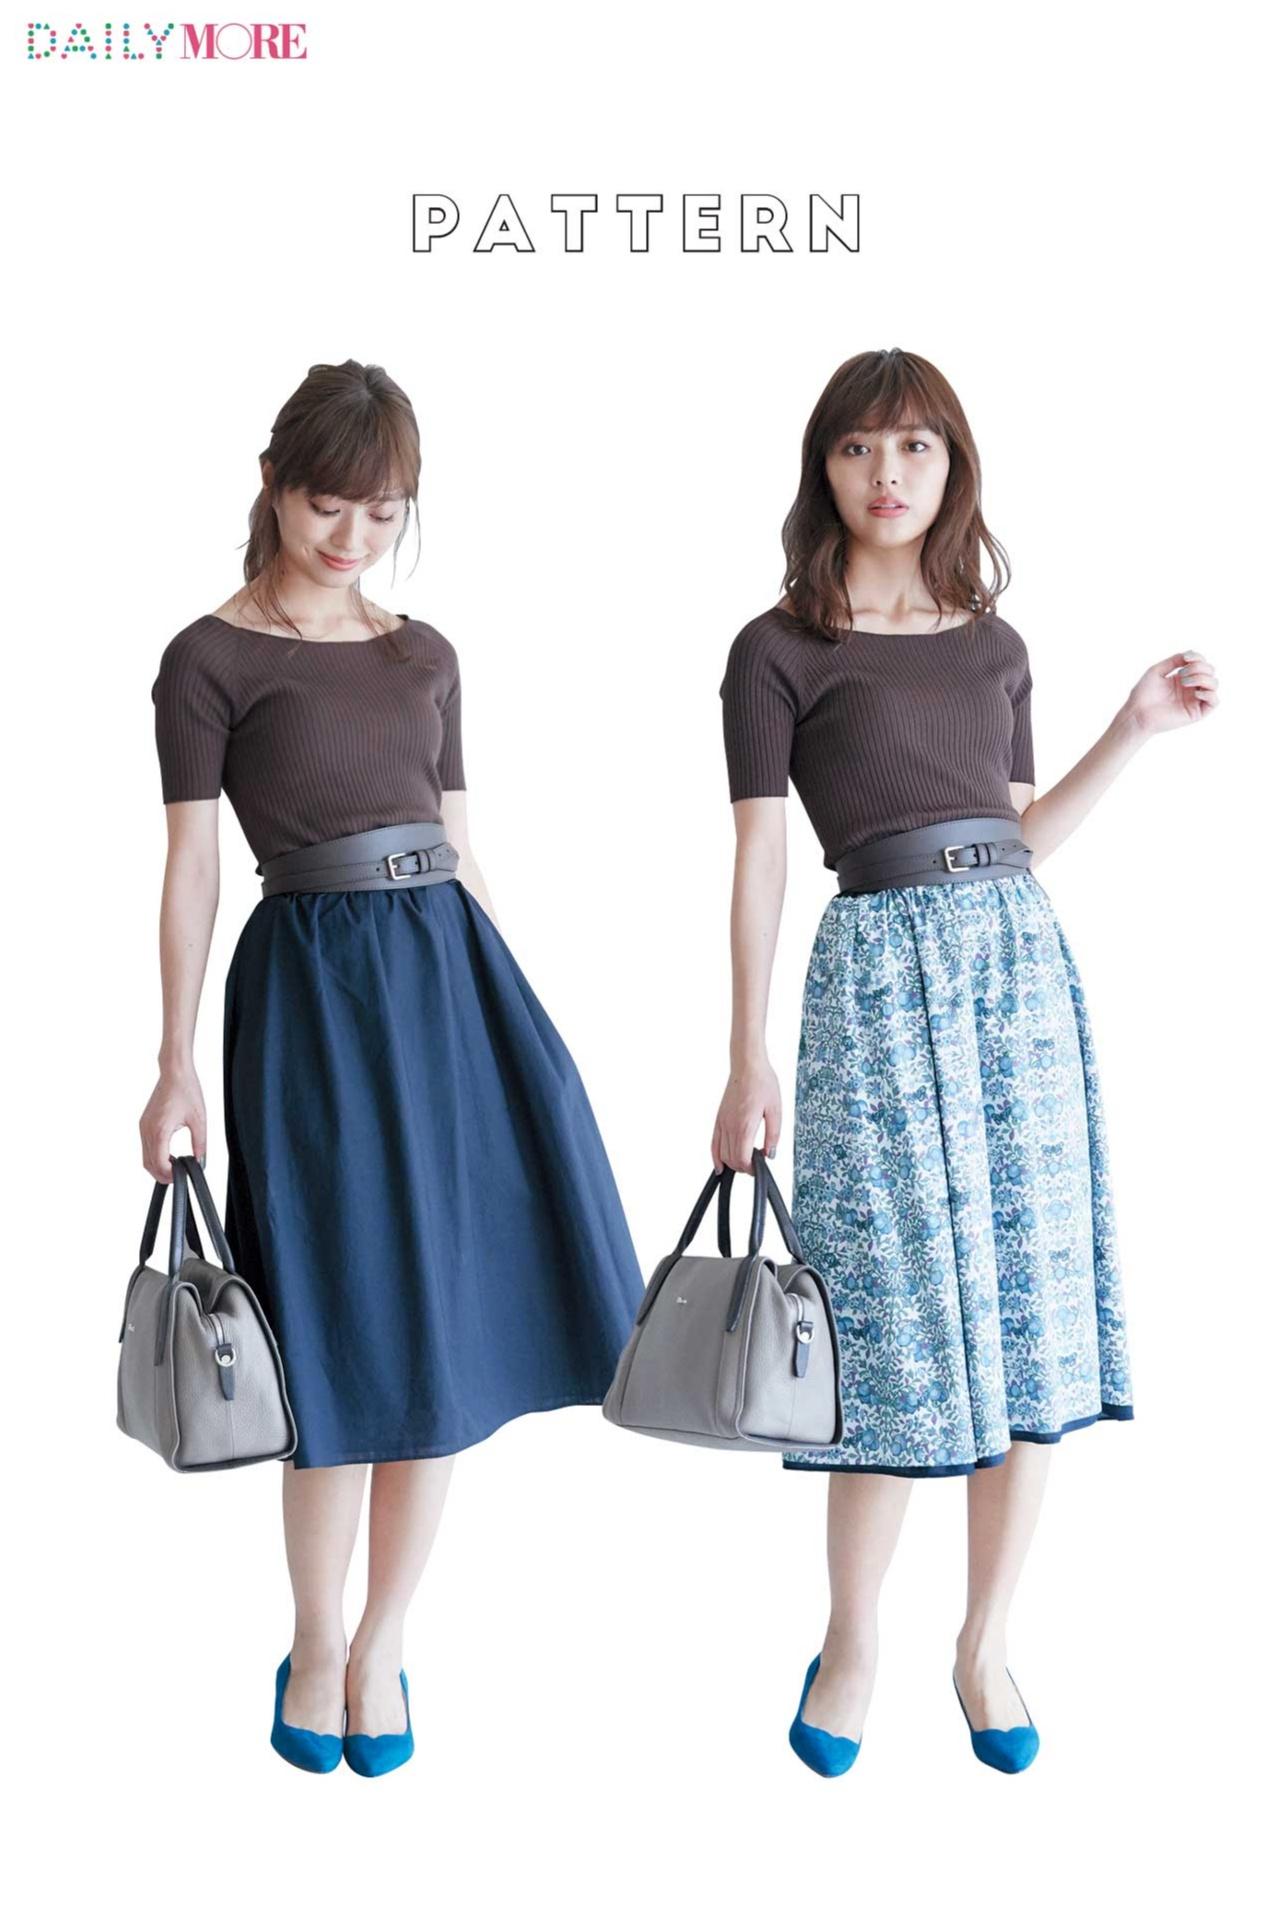 【同じ服だなんて誰も気づかない!?】秋のお仕事服が、ガラッとイメチェンできる「 リバーシブルスカート」を買わなくちゃ♪_1_2